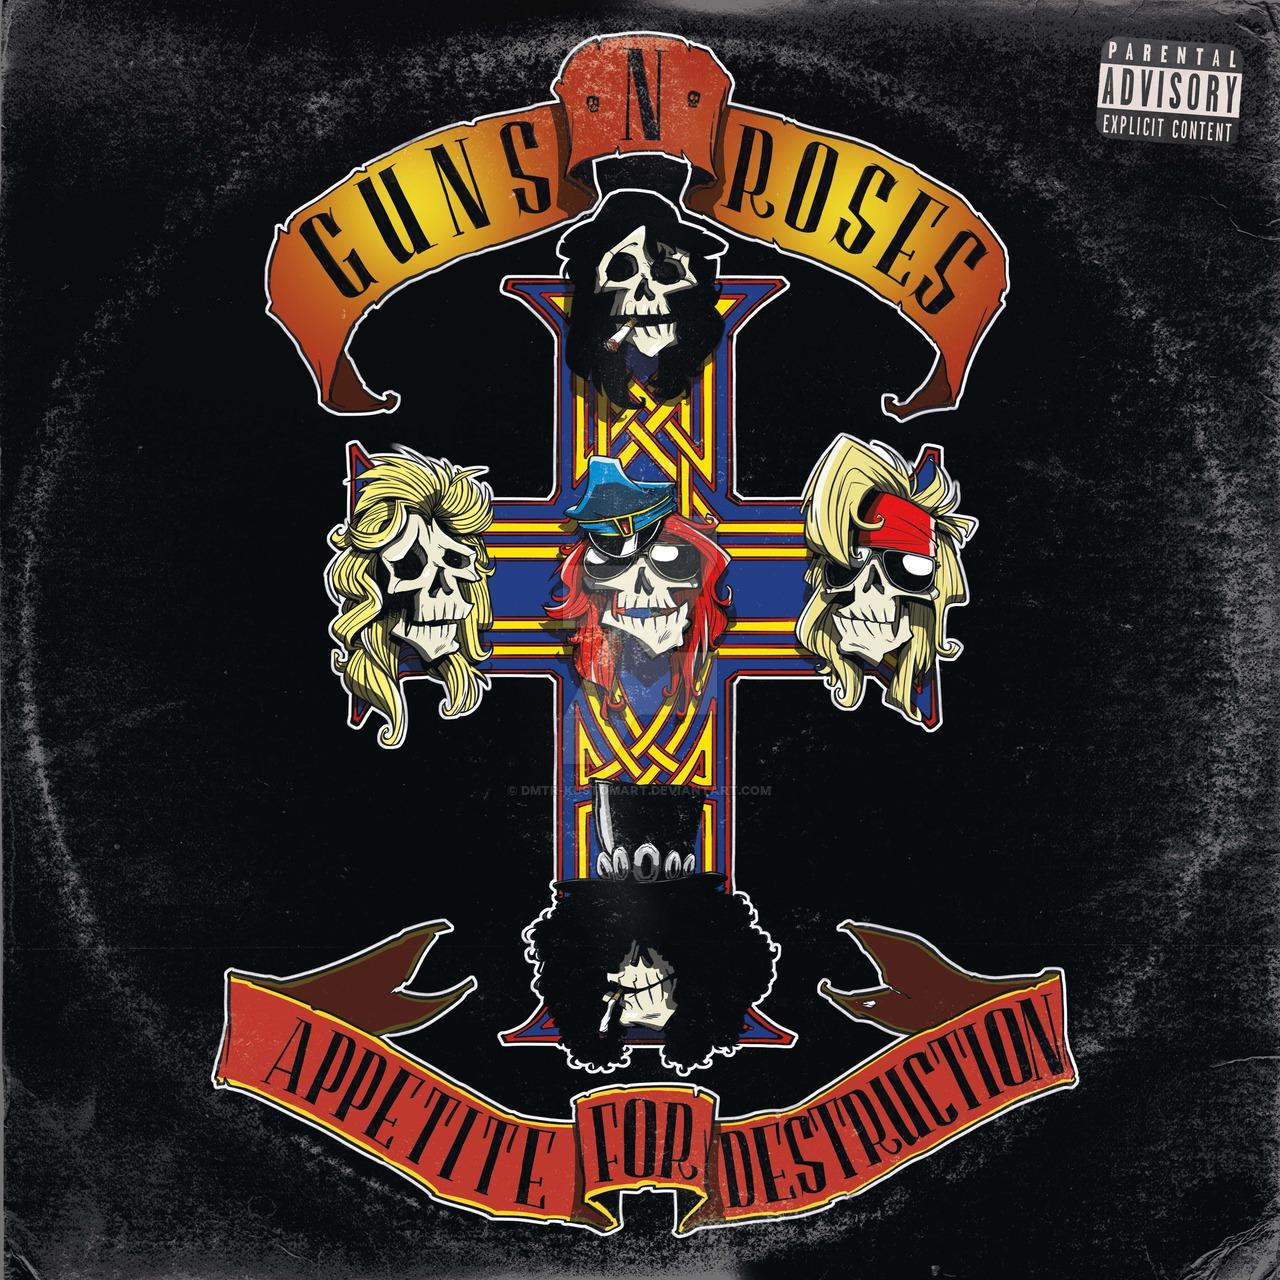 Vandaag (21 juli) 1987: Guns N' Roses brengt Appetite for Destruction uit!